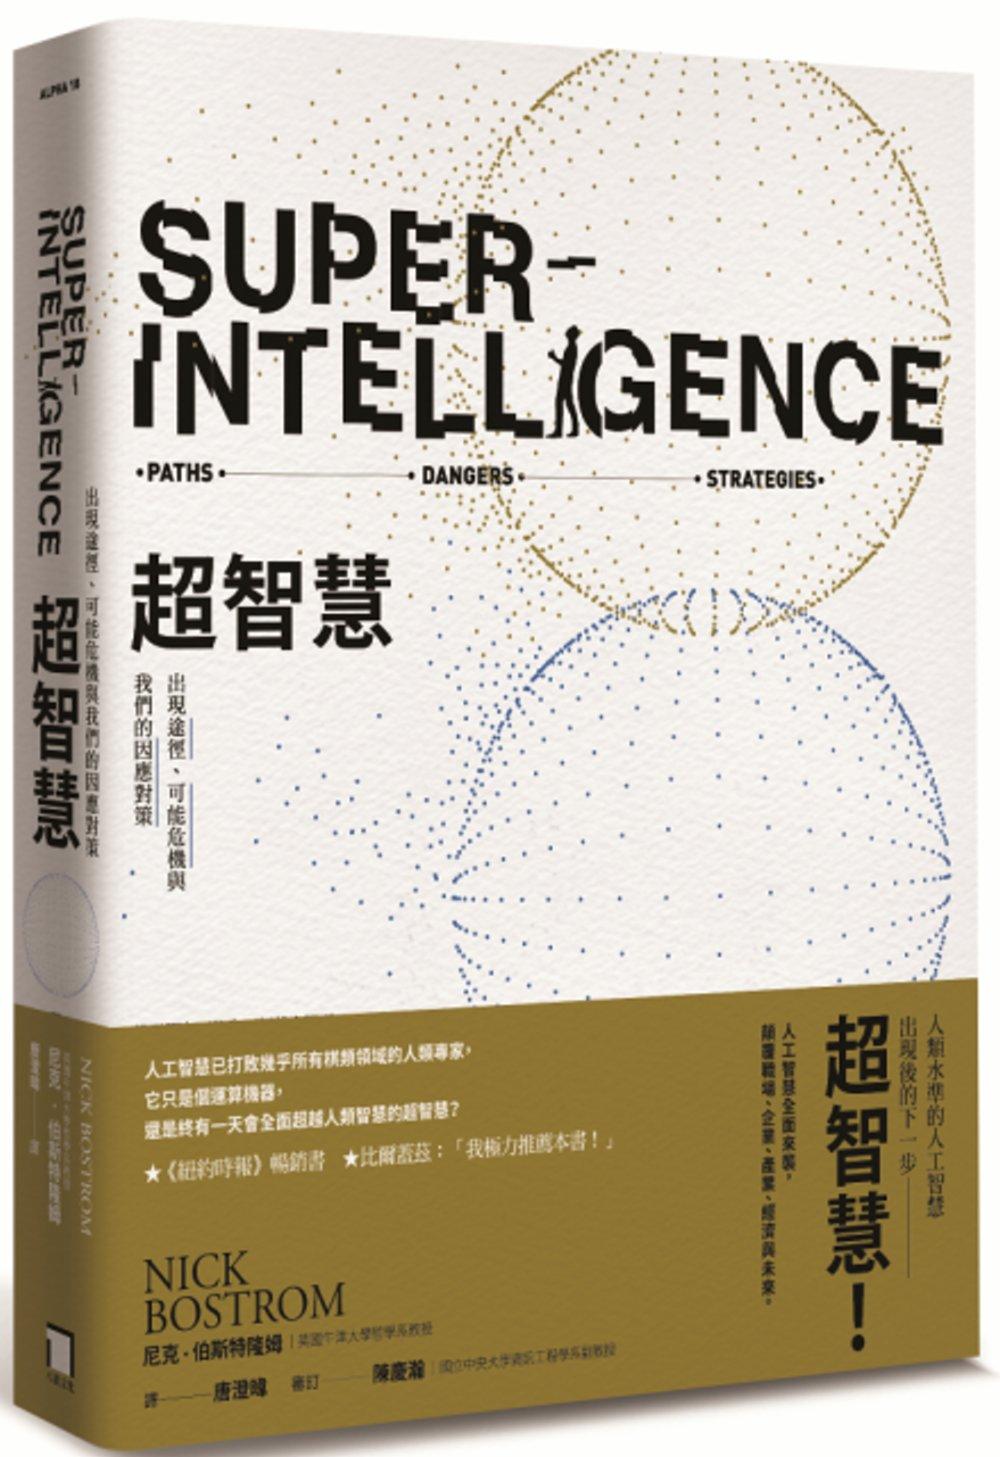 超智慧:出現途徑、可能危機,與我們的因應對策